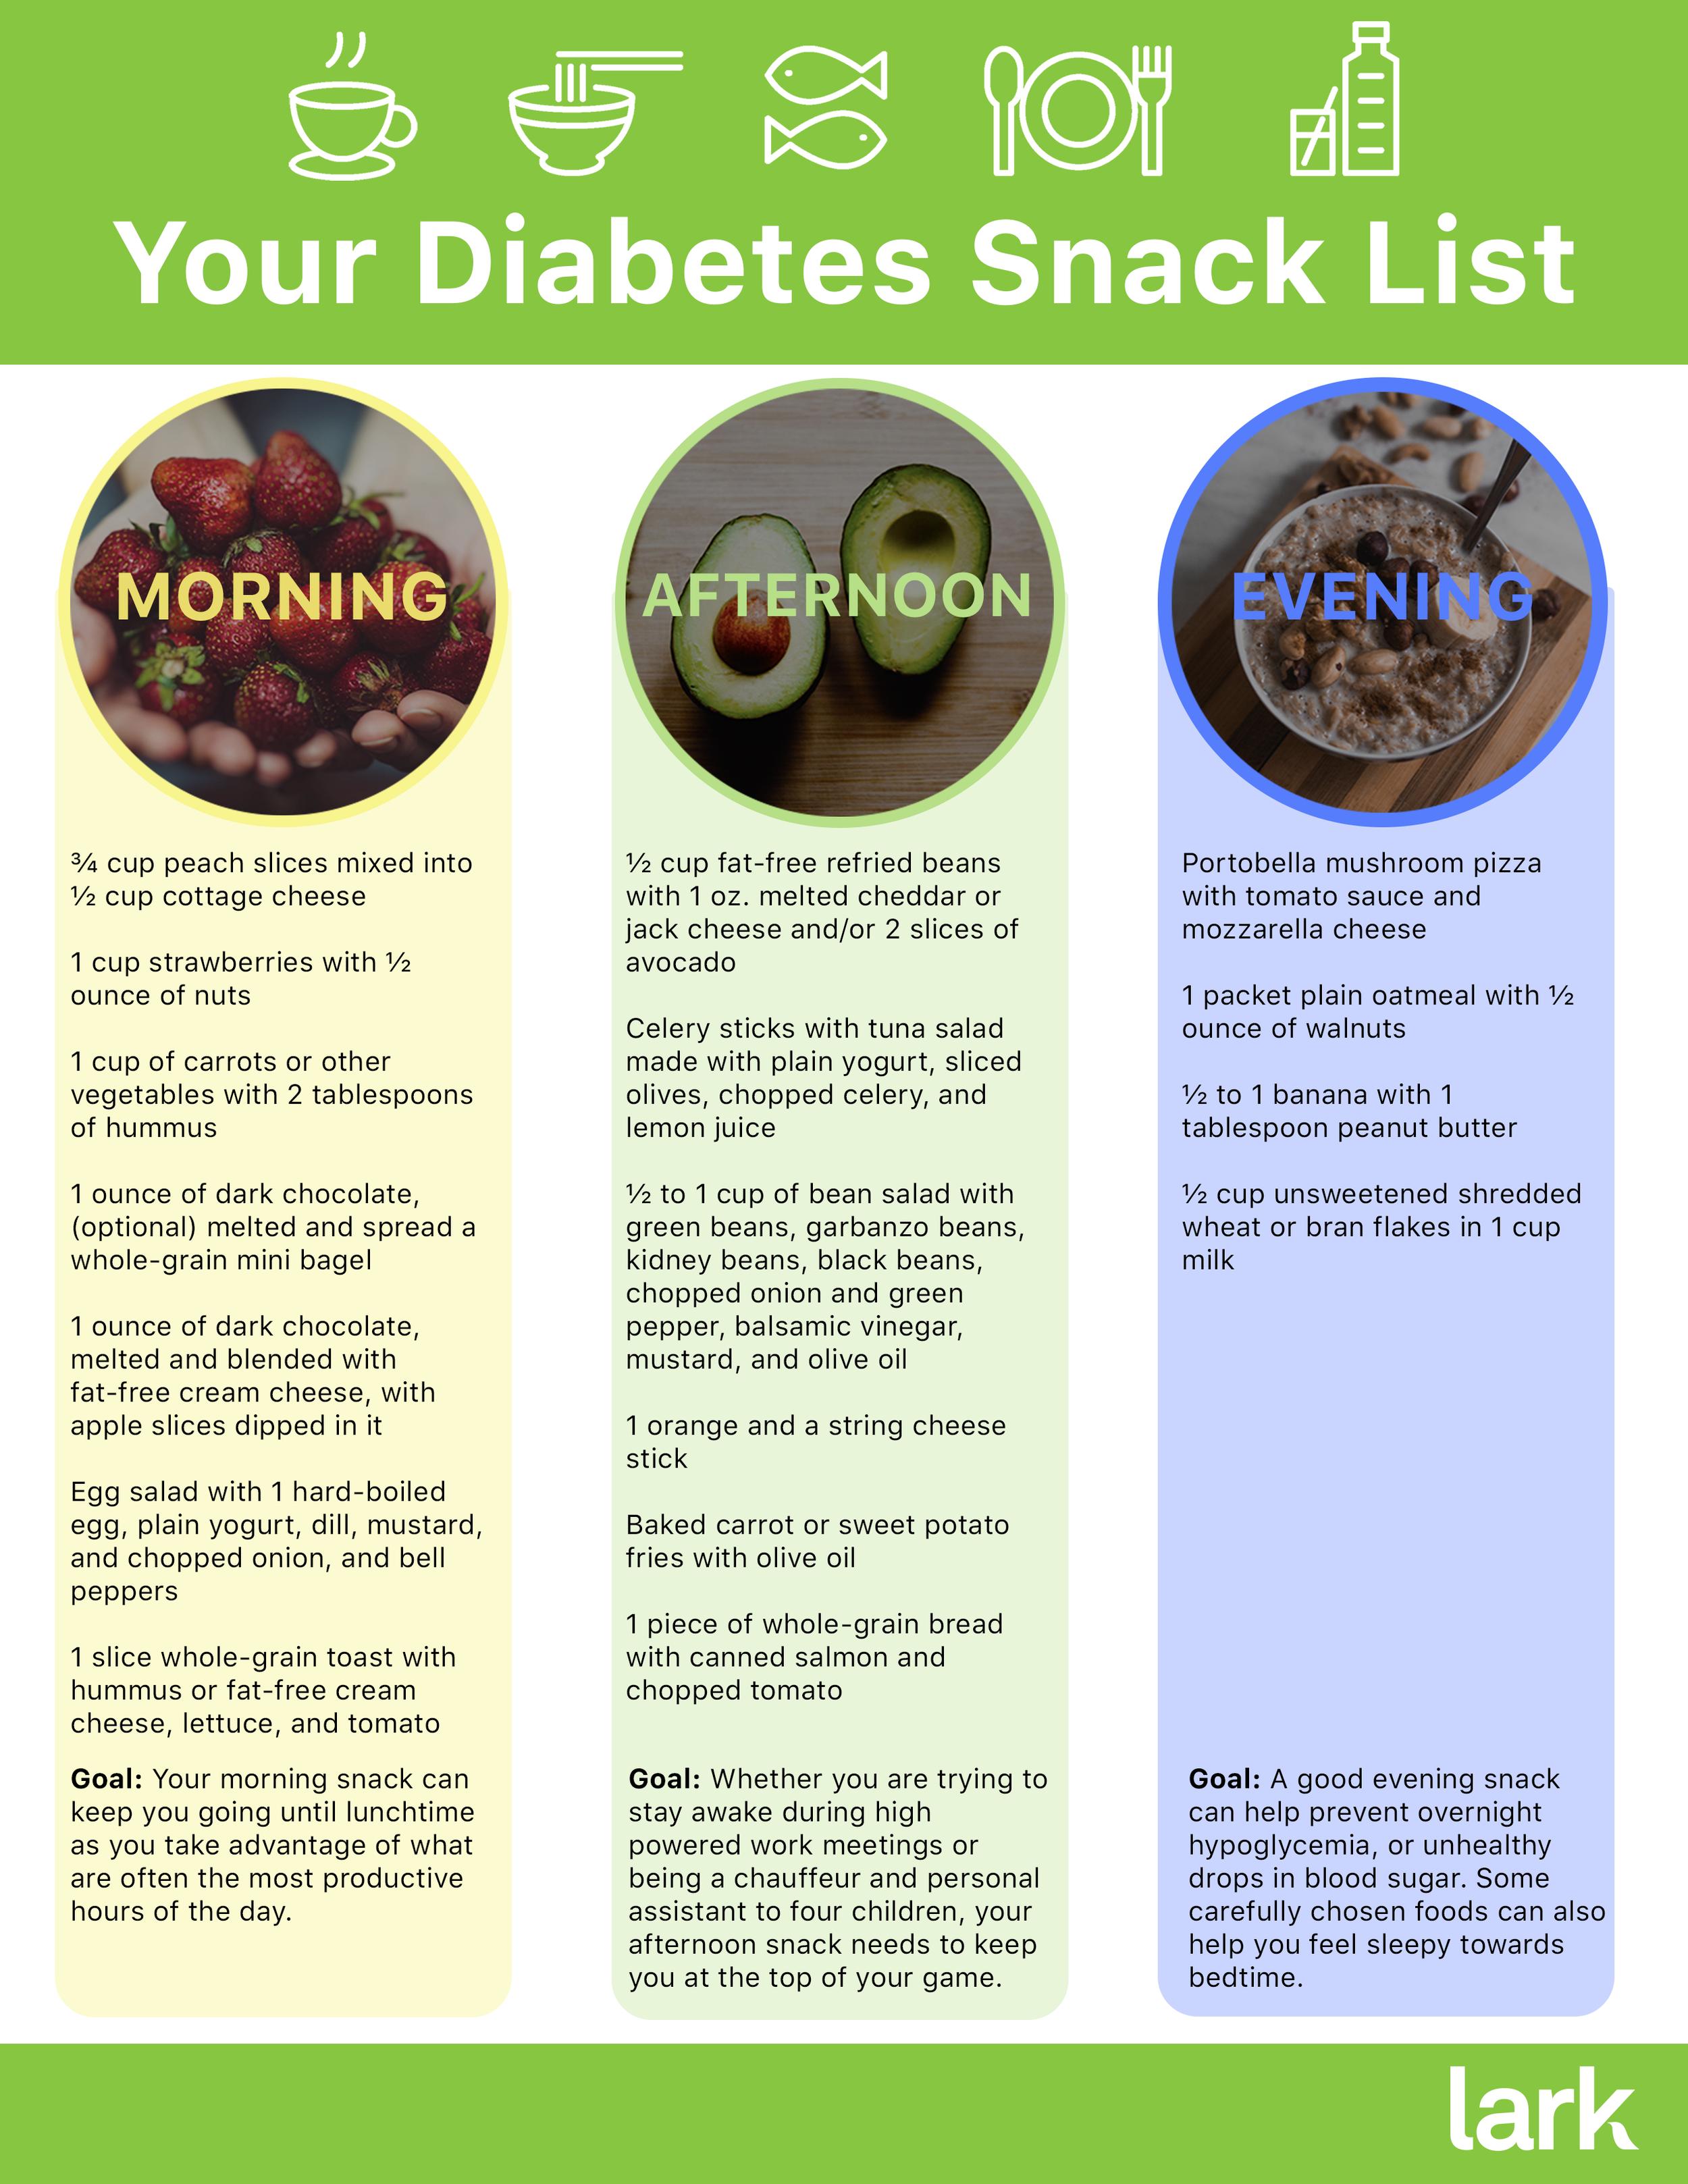 DiabetesSnack.png